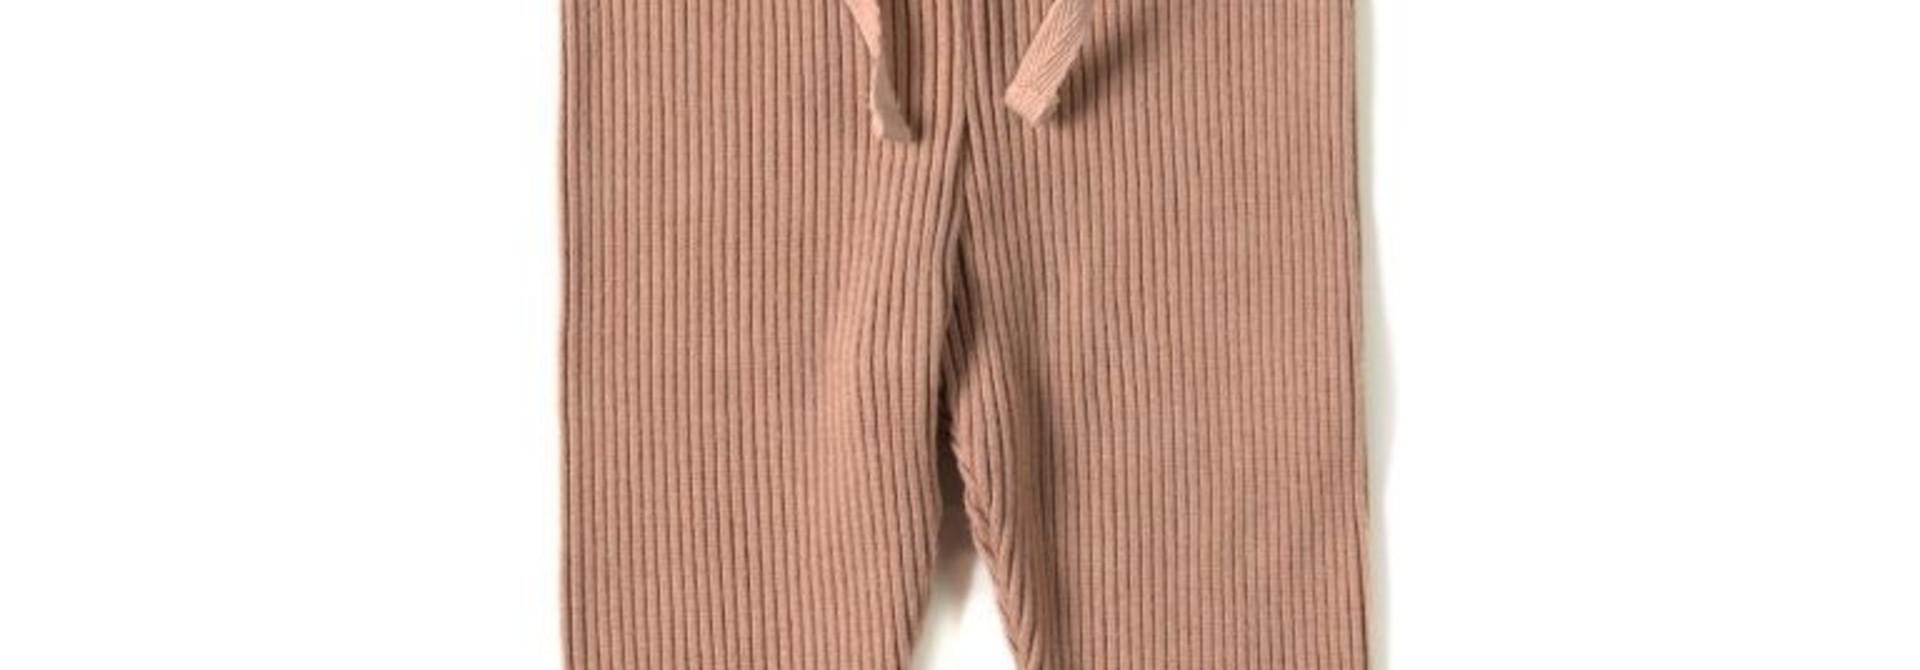 Rib legging - Lychee